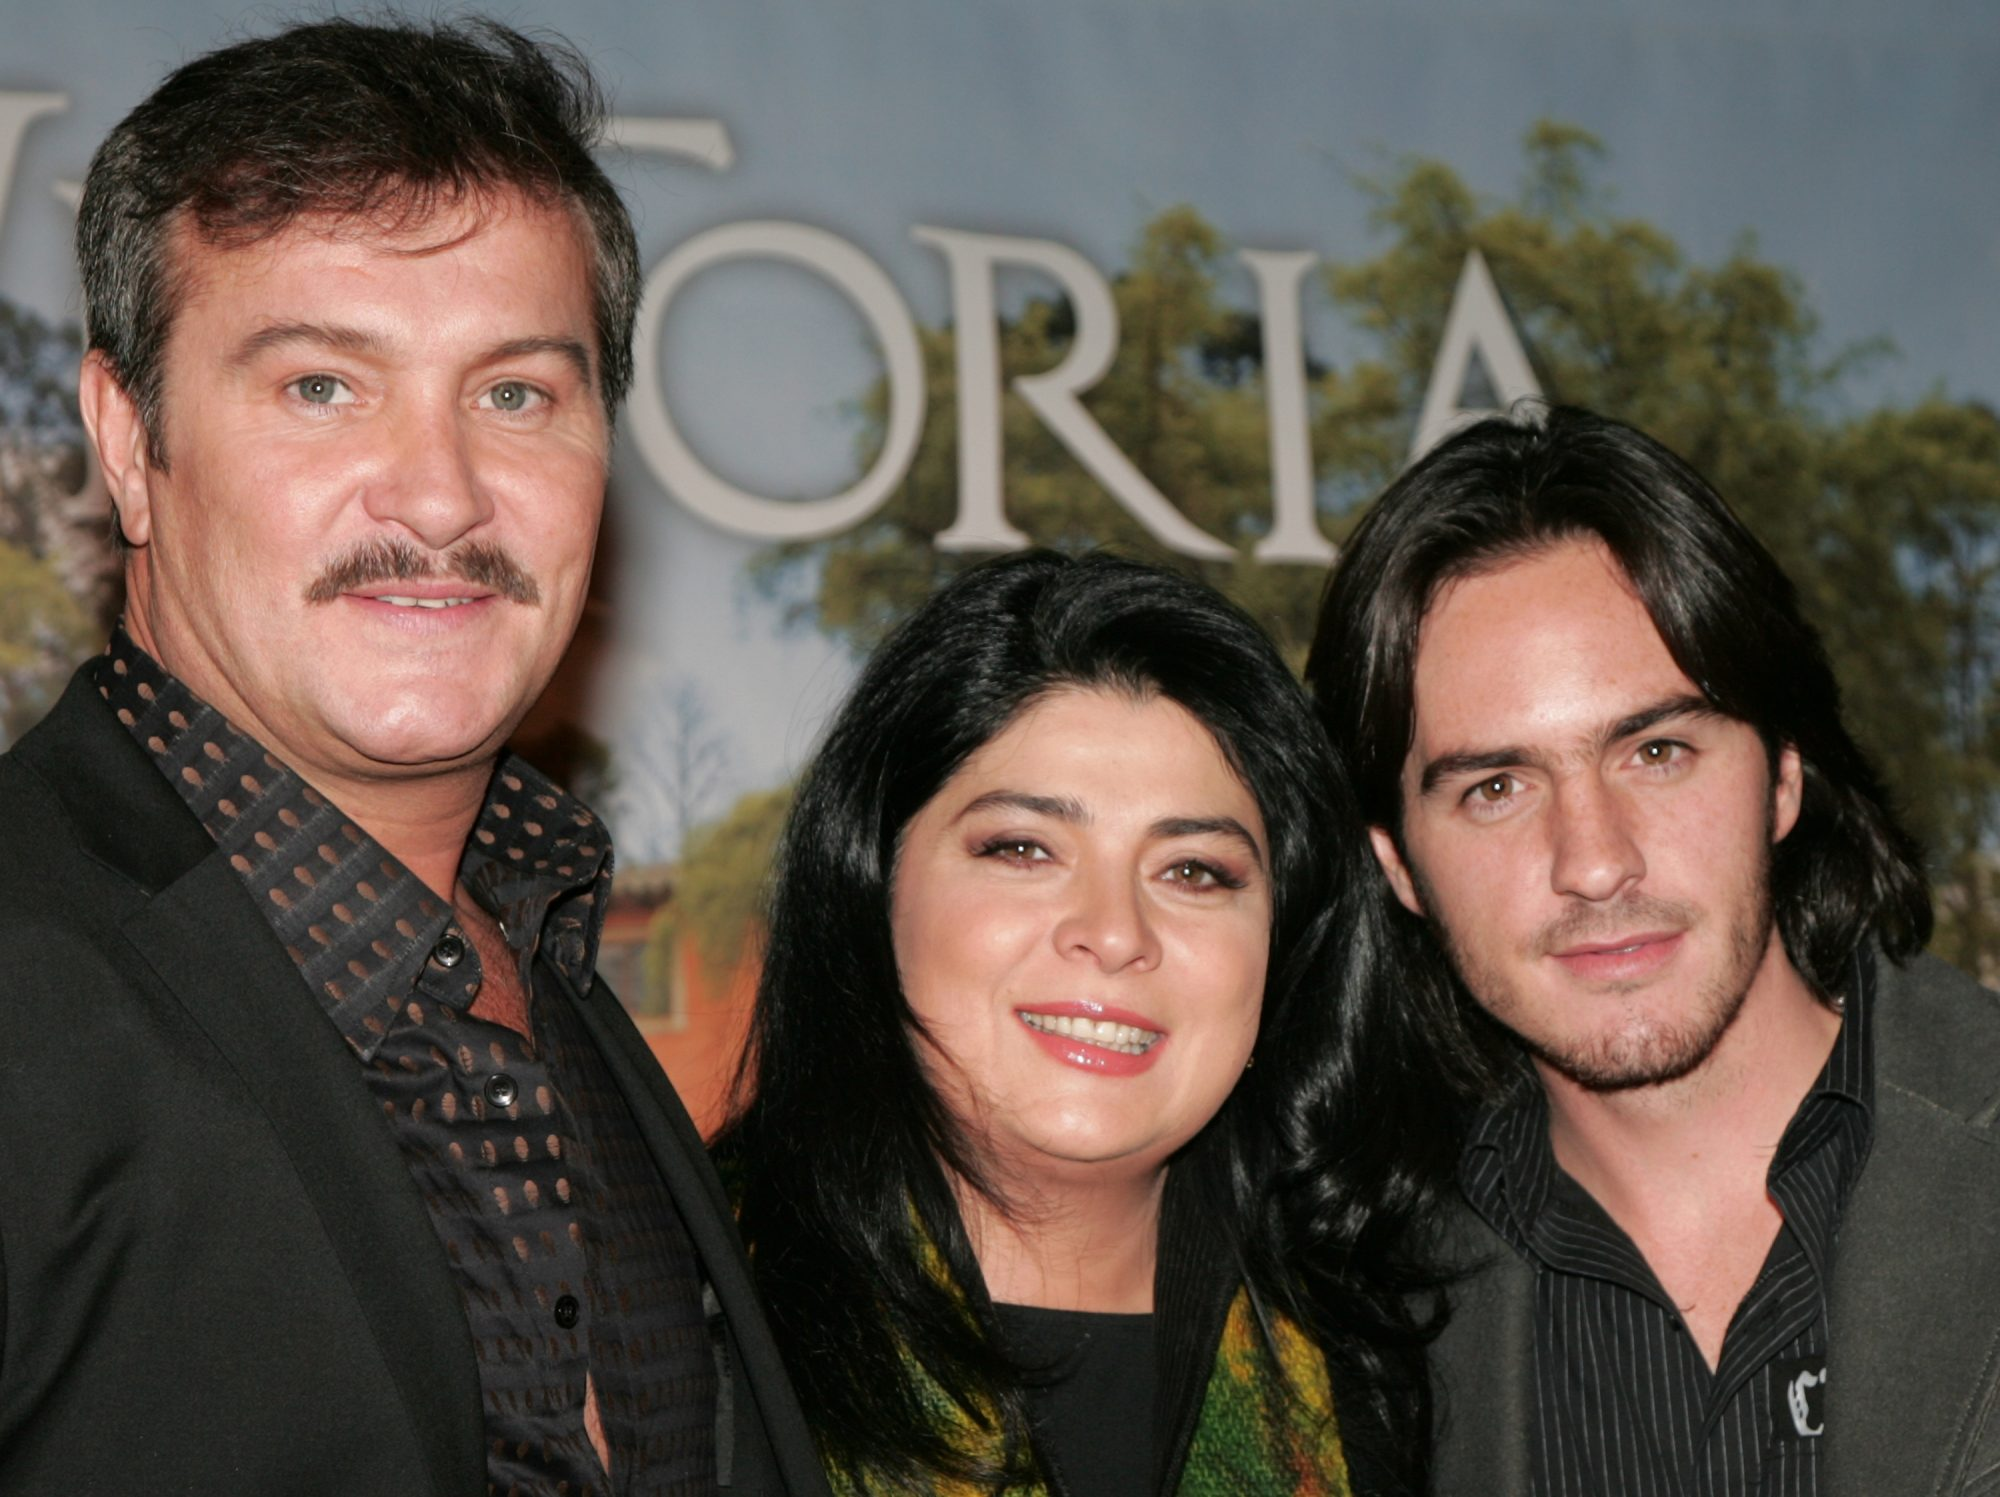 Si nos dejan es el título que hasta la fecha tiene la telenovela cuyas grabaciones iniciarán durante los próximos meses en México.